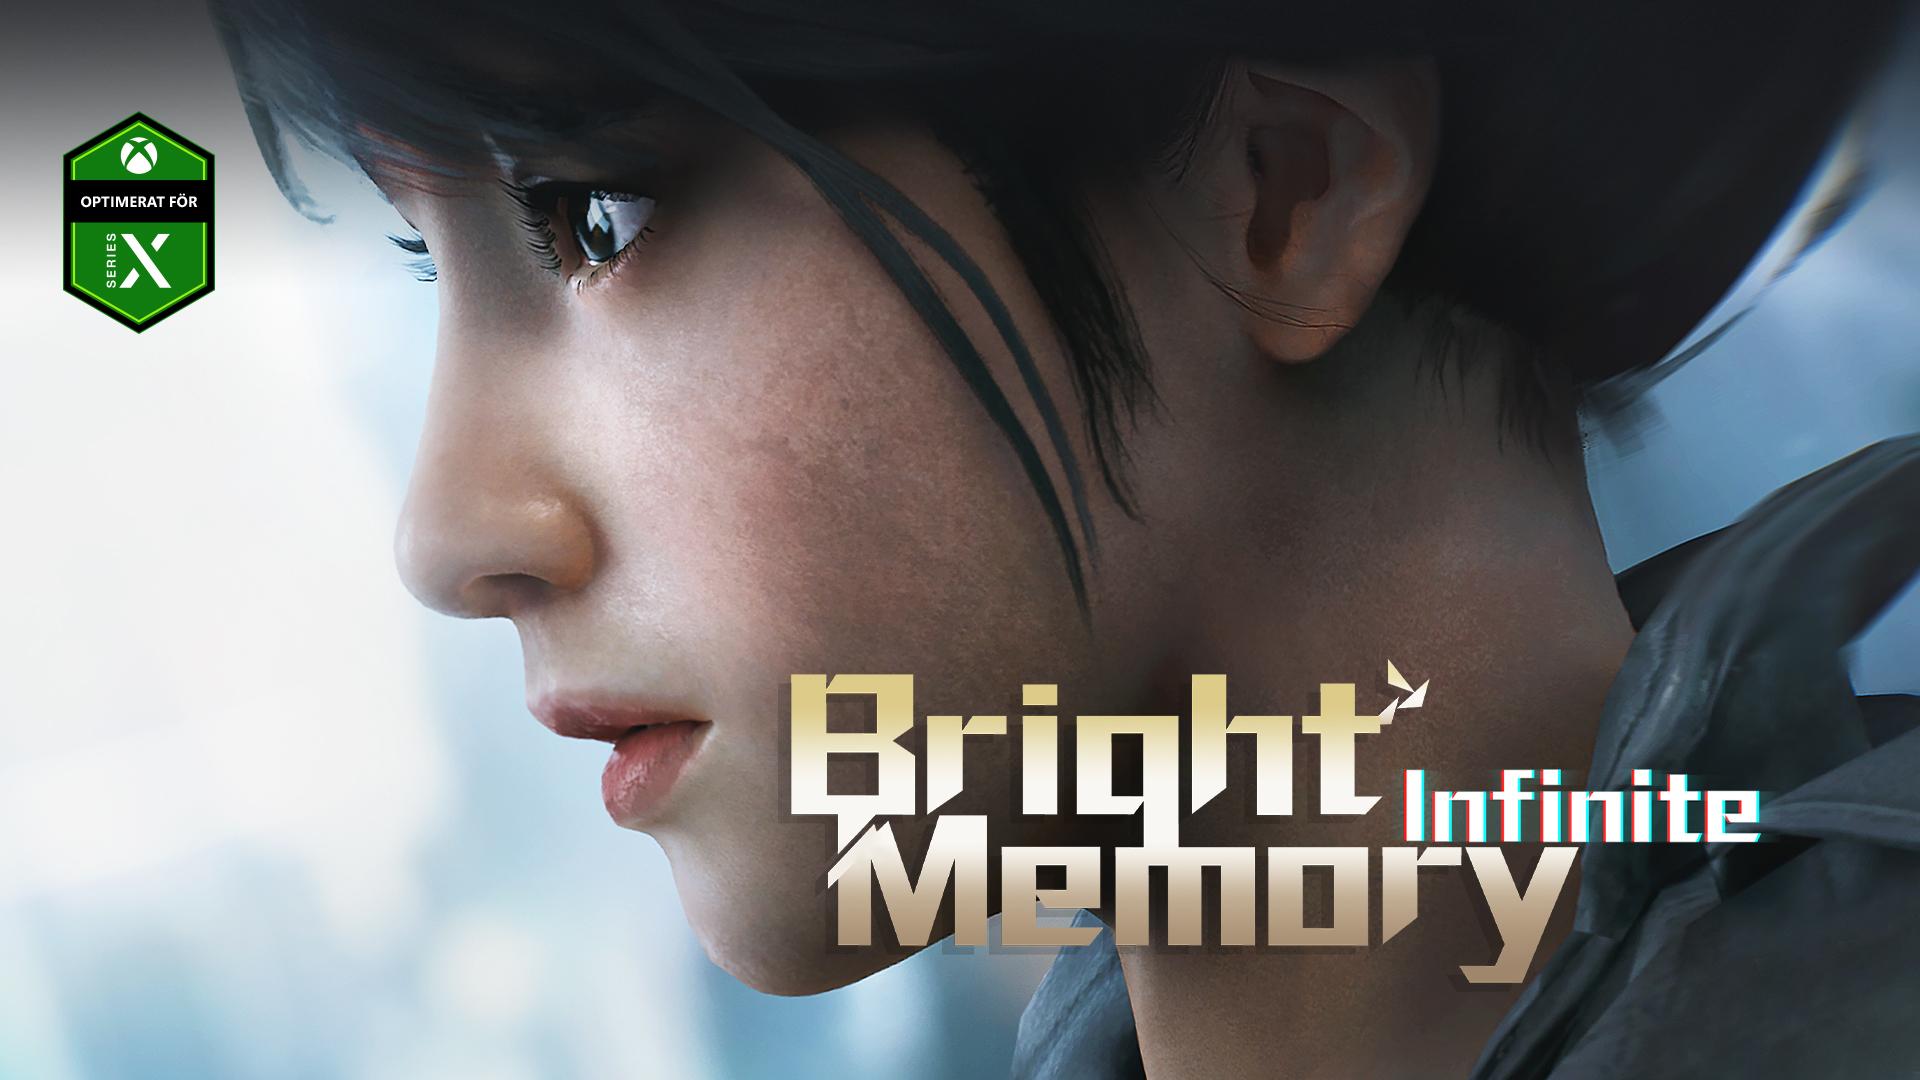 Bright Memory Infinite, Optimerat för Series X, en ung kvinna tittar ut i luften.